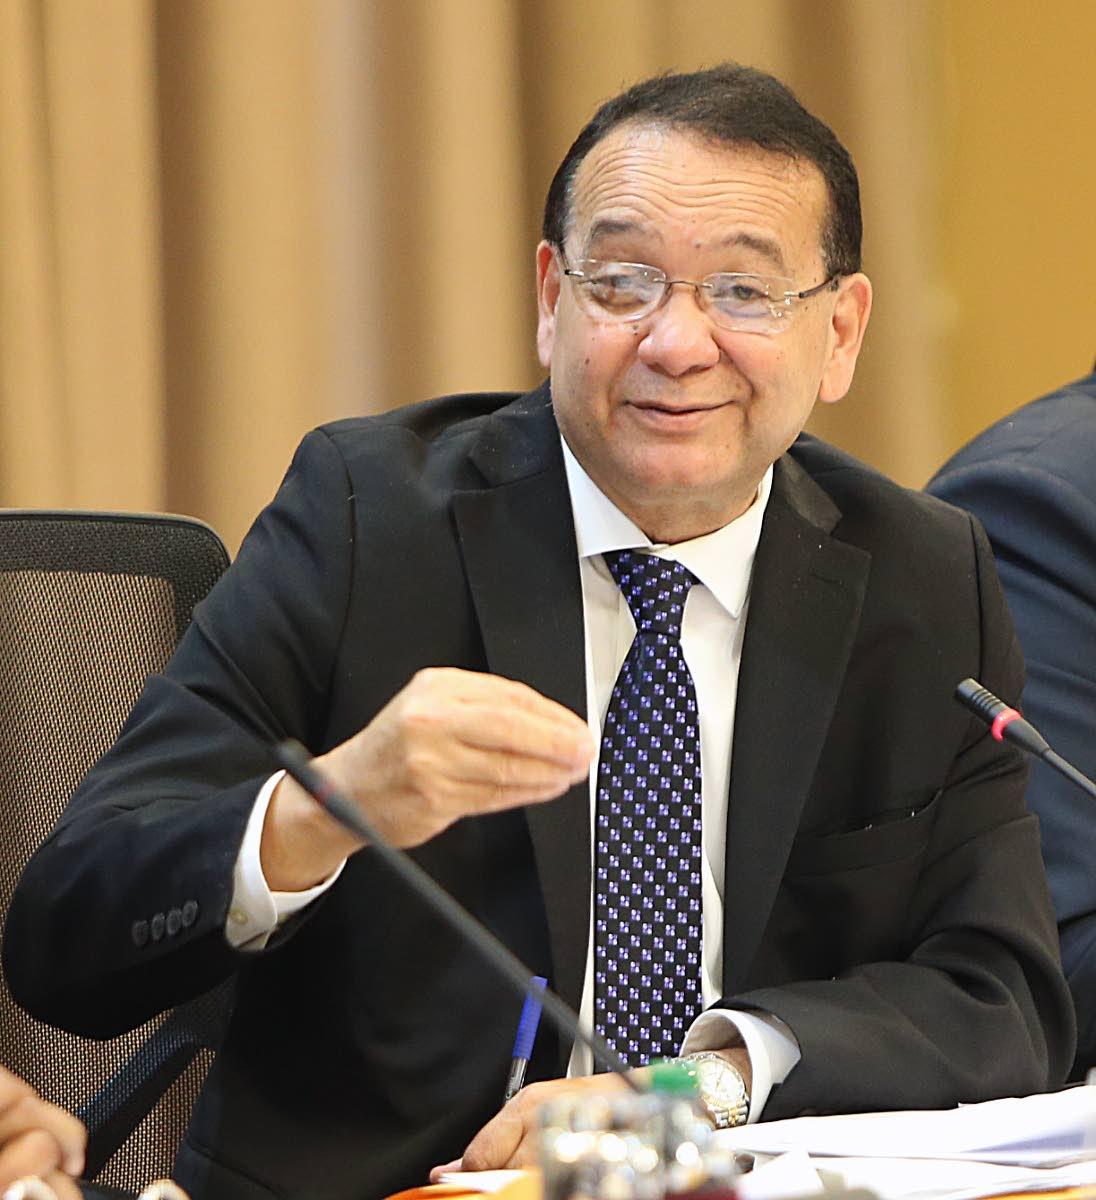 Energy Minister Franklin Khan